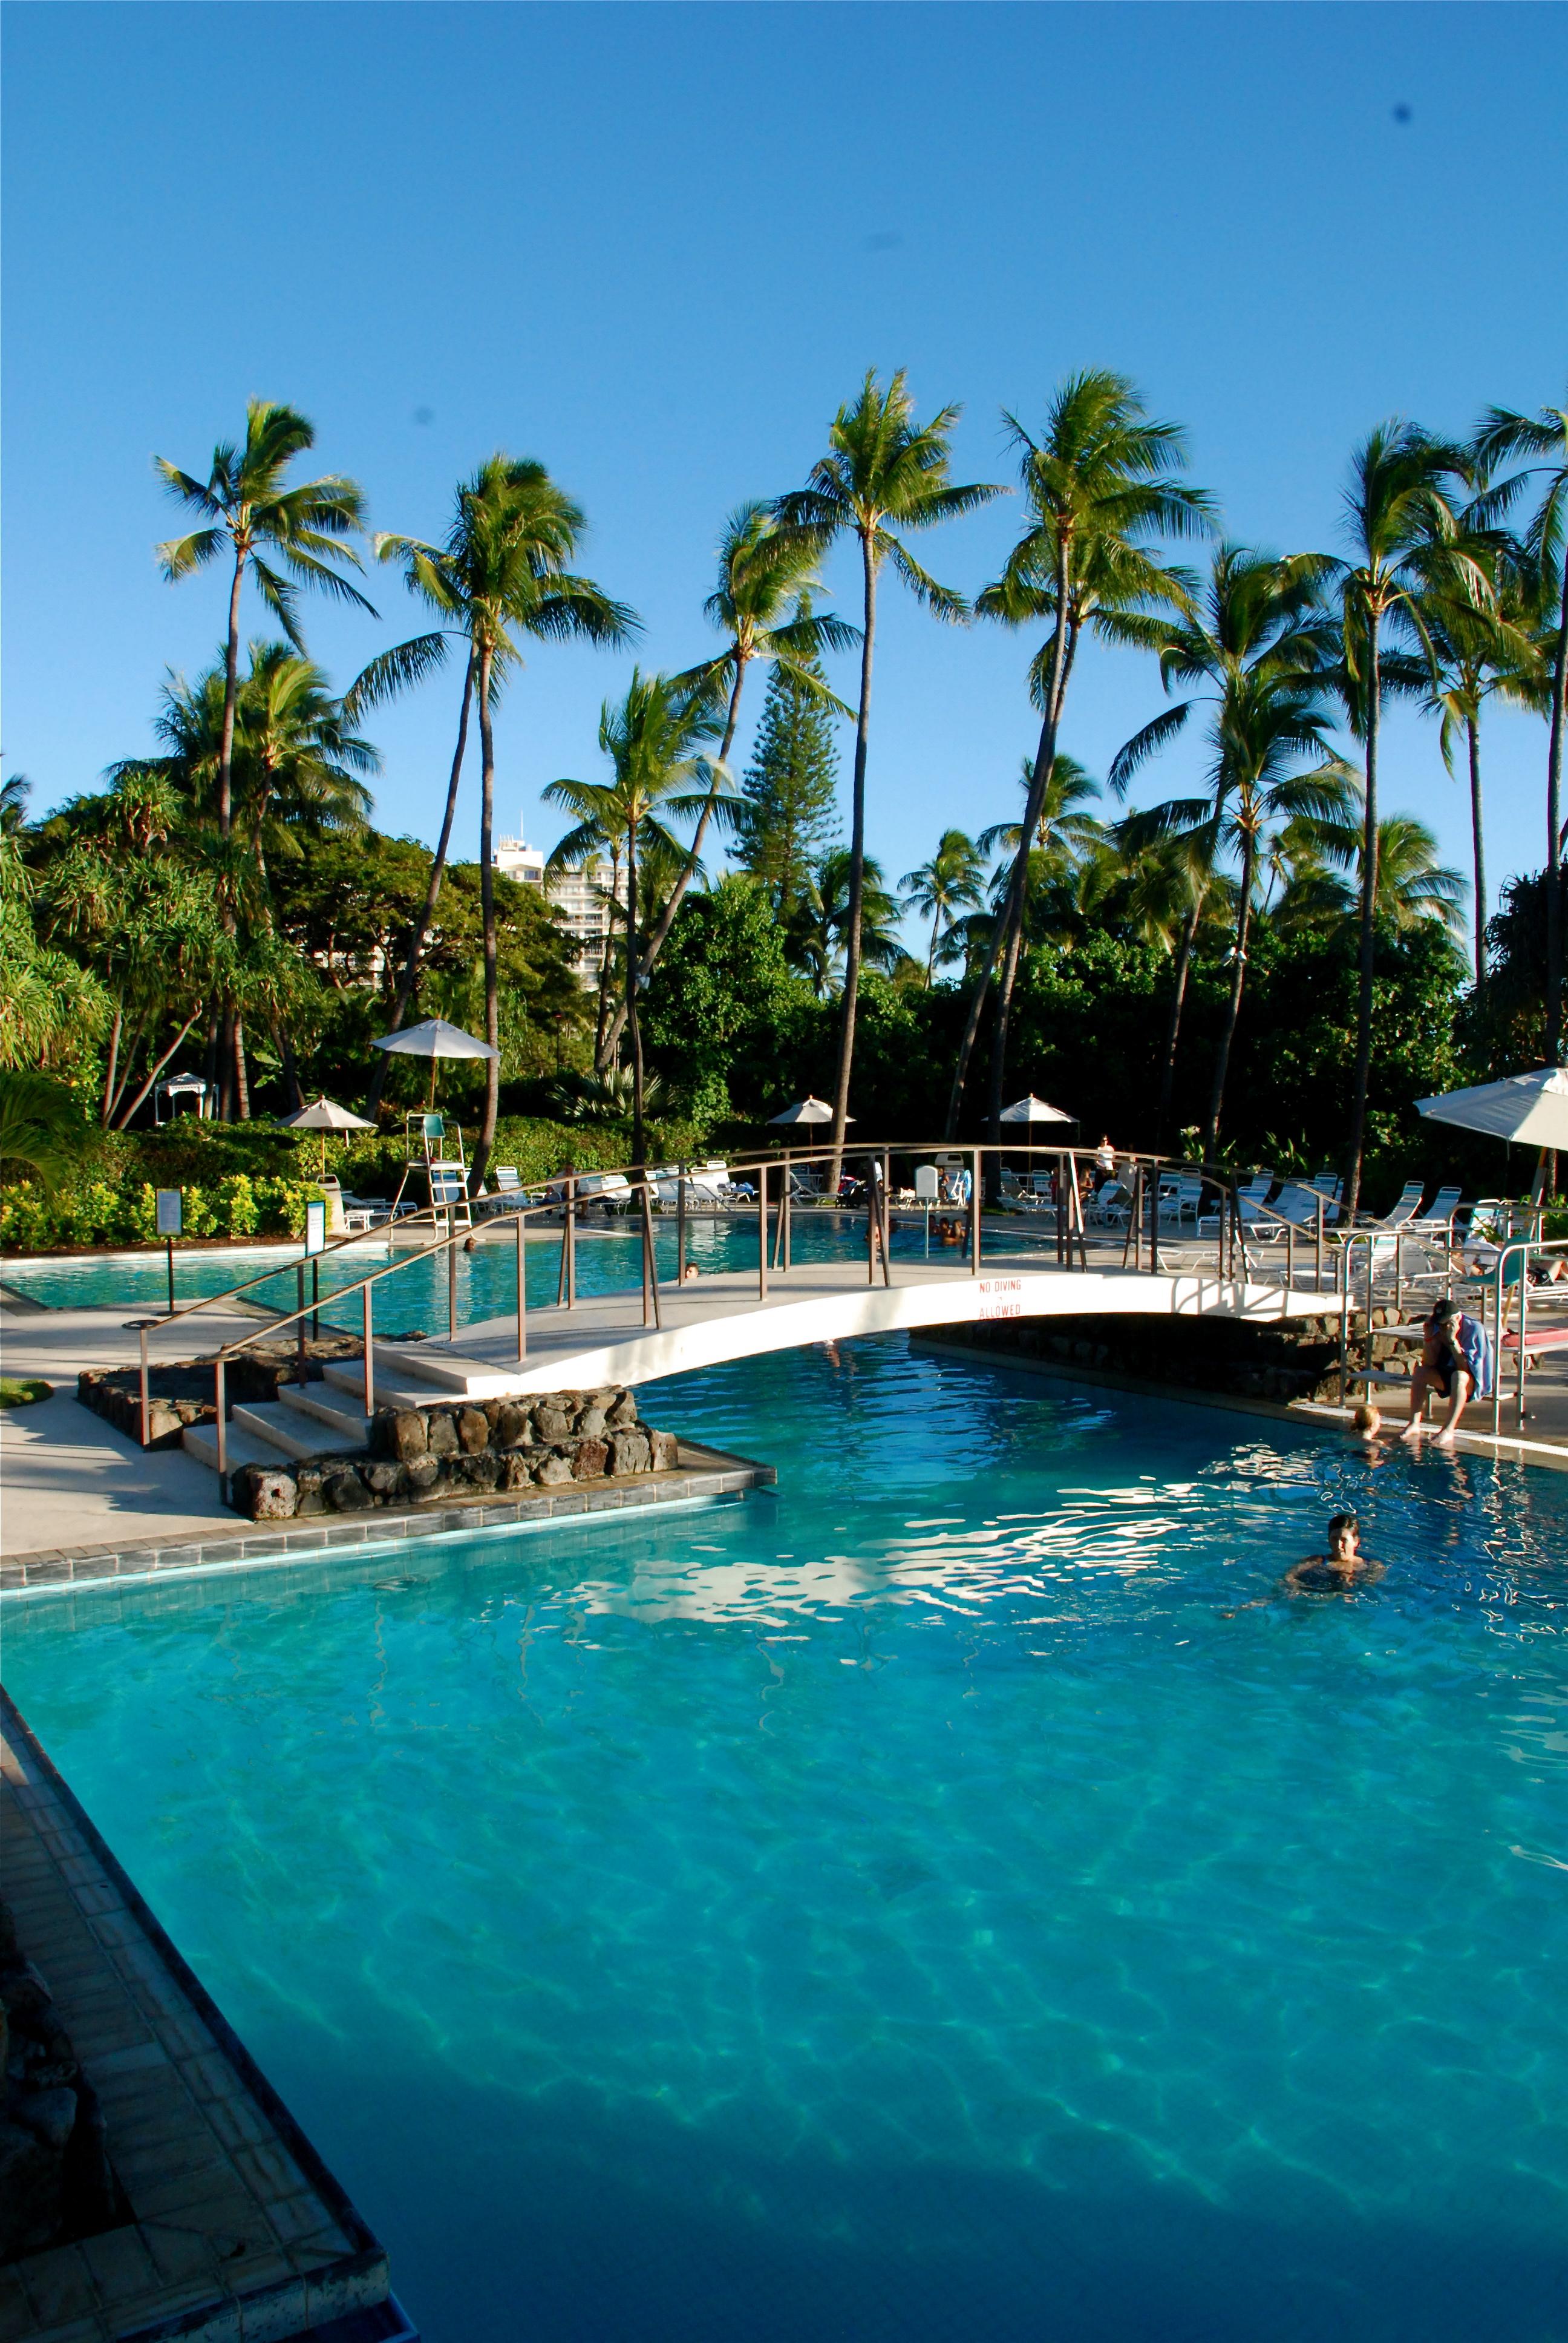 Hale Koa Pool 2 Dorothy Dean Photography